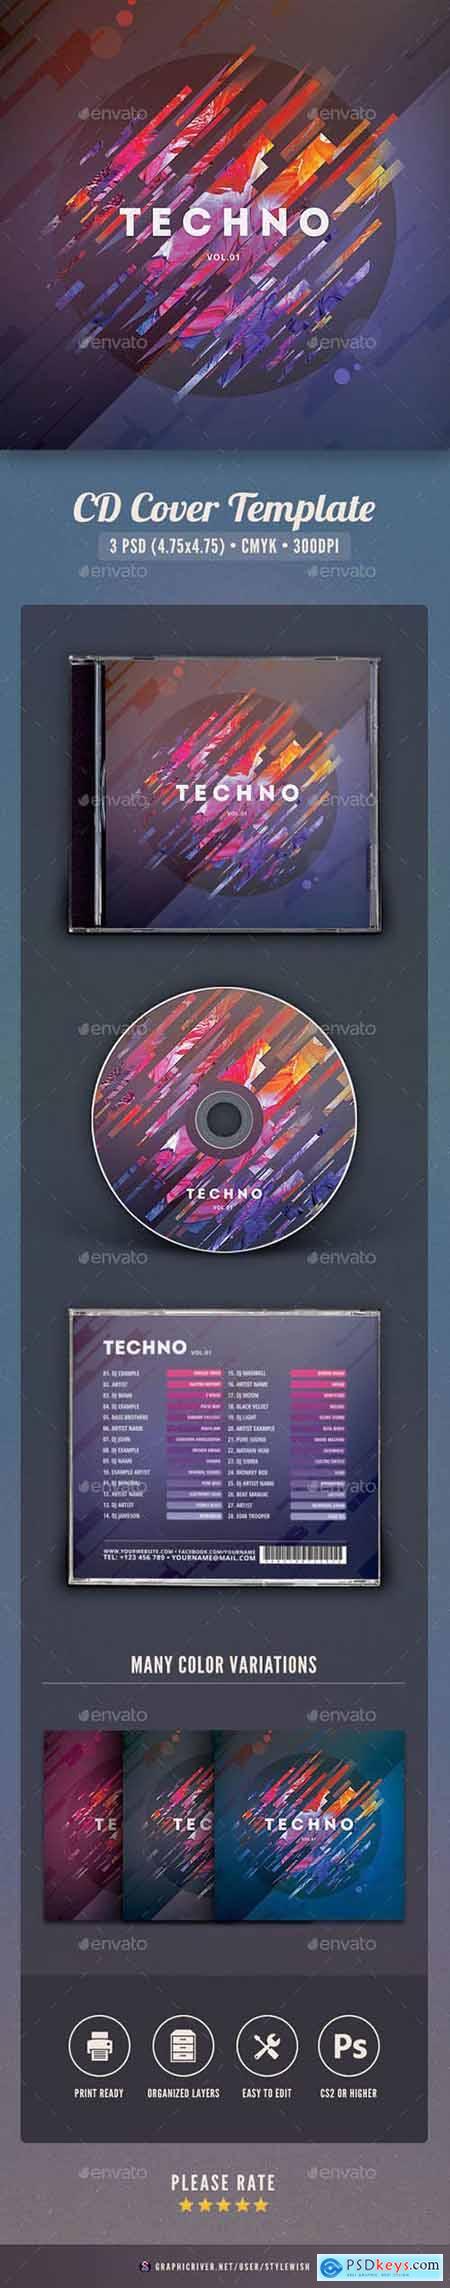 Graphicriver Techno CD Cover Artwork